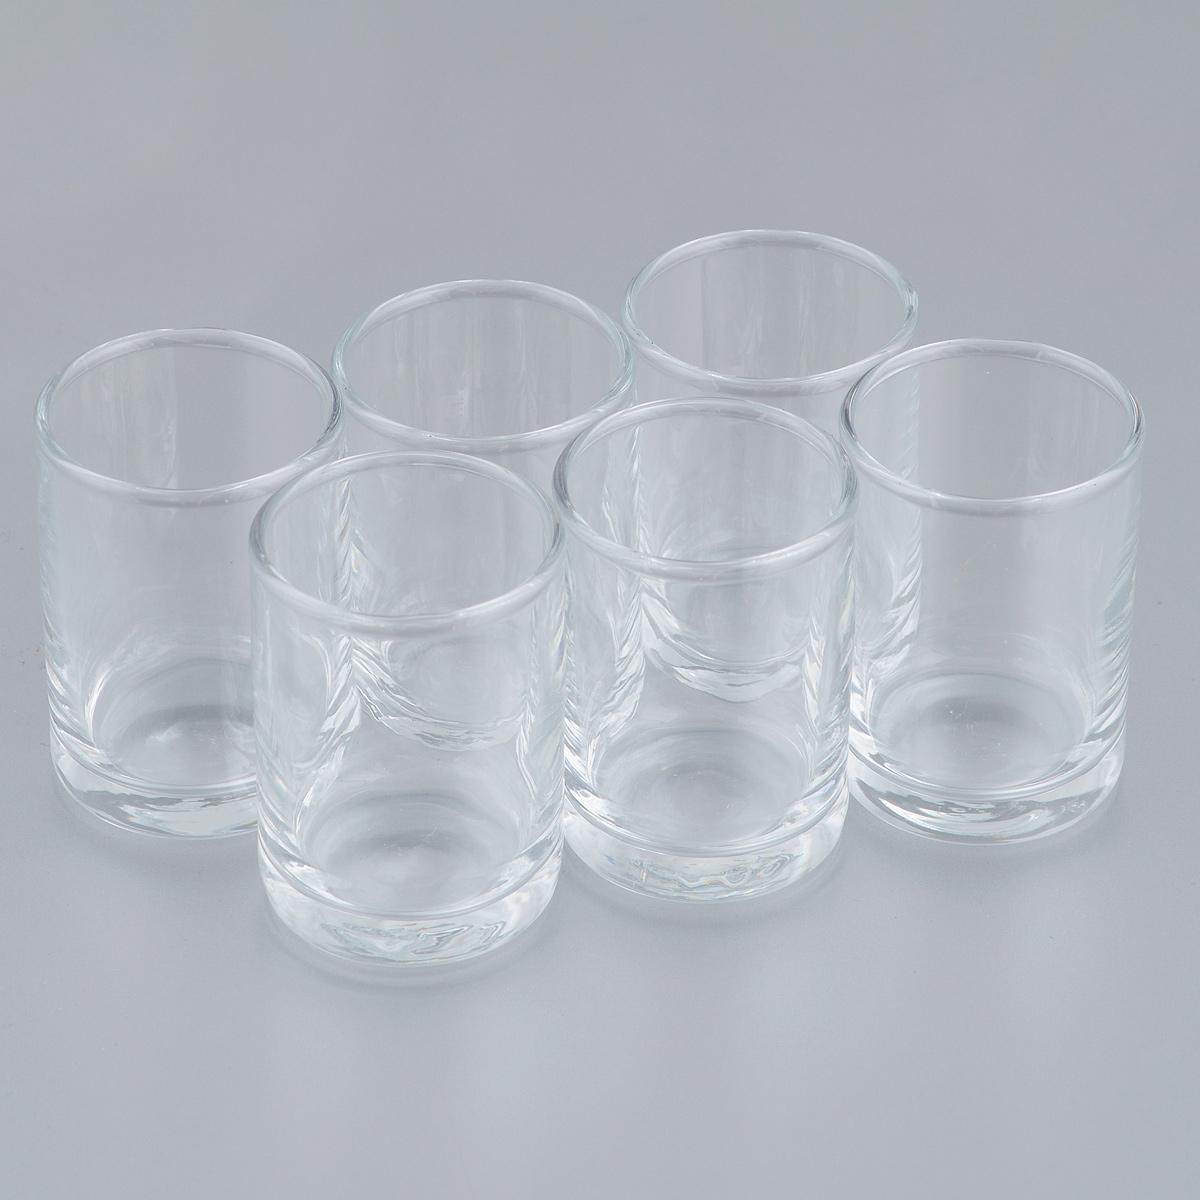 Набор стопок Pasabahce Istanbul, 60 мл, 6 шт93268Набор Pasabahce Istanbul, выполненный из закаленного натрий-кальций-силикатного стекла, состоит из шести стопок. Изделия прекрасно подойдут для подачи крепких алкогольных напитков. Их оценят как любители классики, так и те, кто предпочитает современный дизайн.Набор идеально подойдет для сервировки стола и станет отличным подарком к любому празднику. Диаметр стопки (по верхнему краю): 4 см. Высота стопки: 6 см.